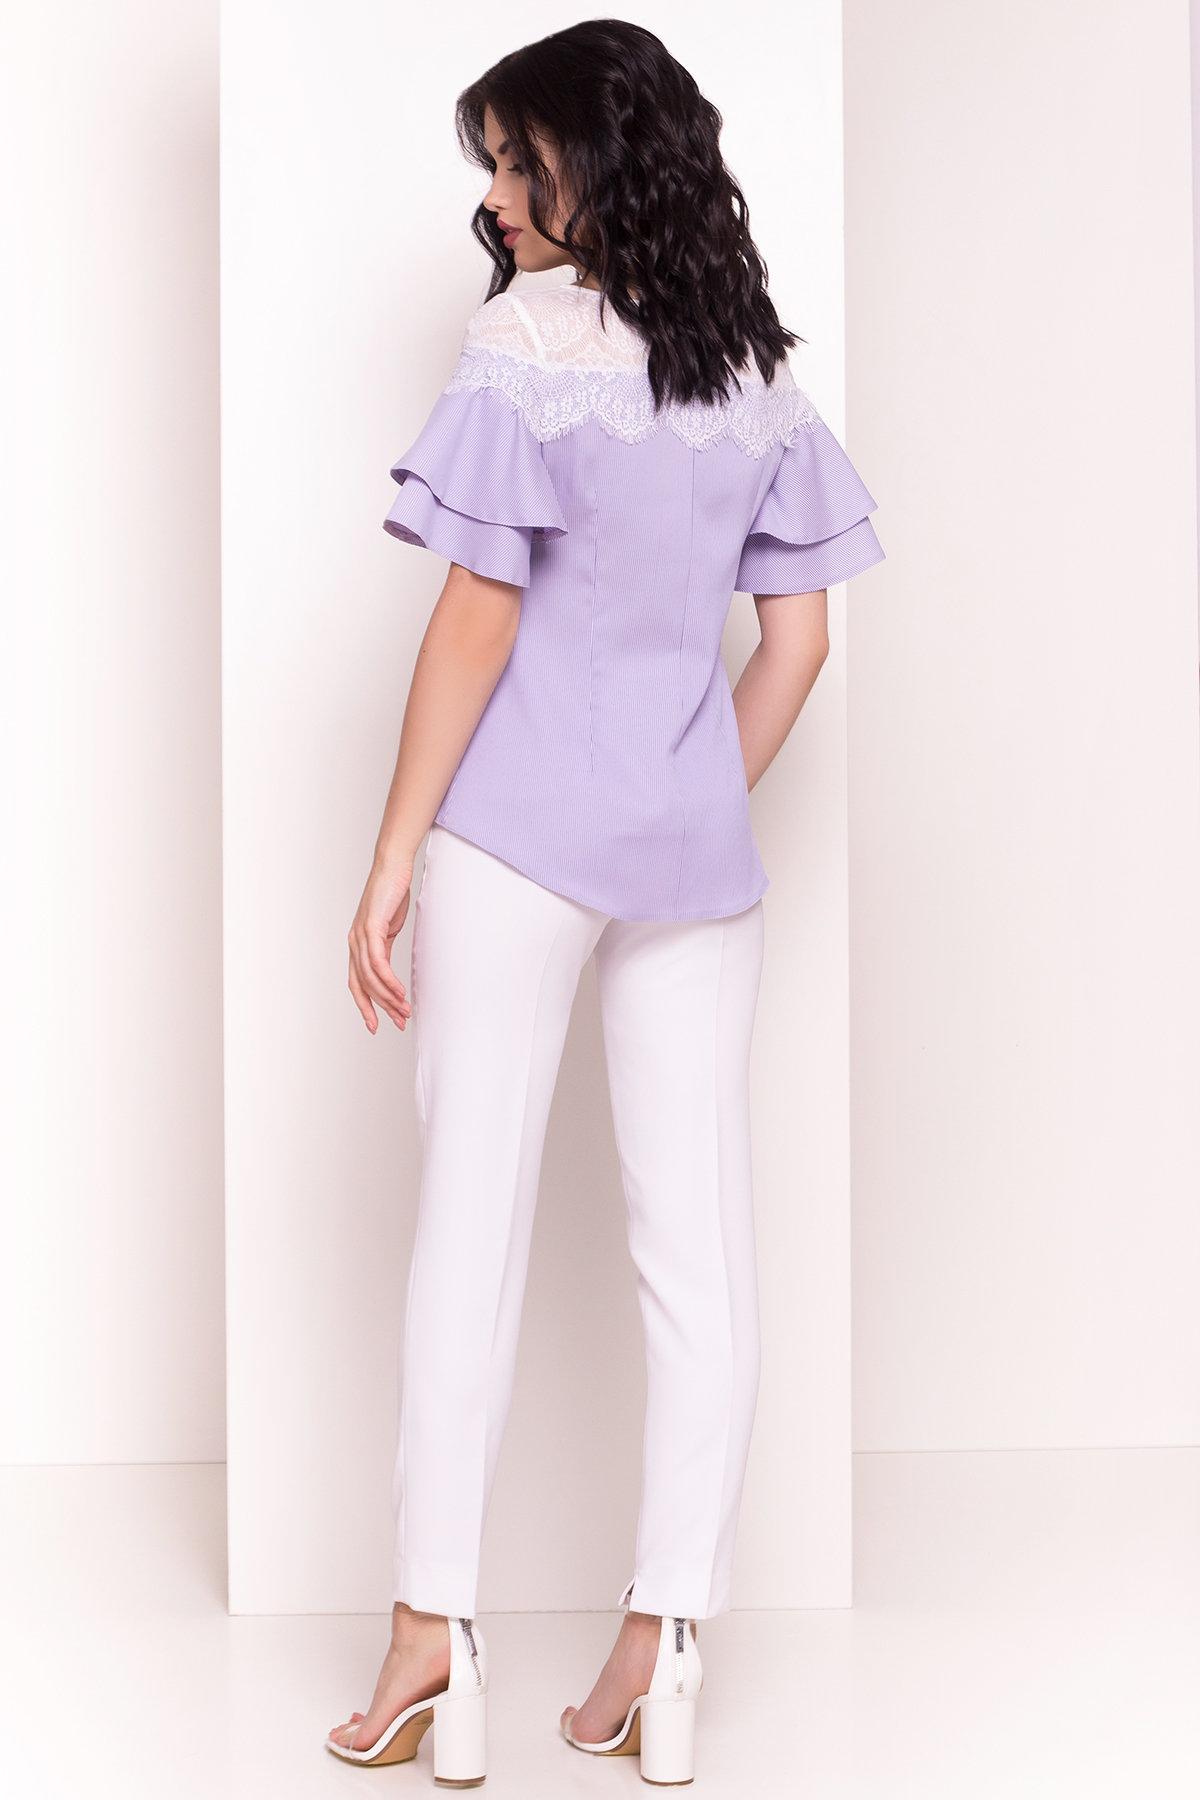 Блуза Ириска 4962 АРТ. 35298 Цвет: Синий/розовый - фото 3, интернет магазин tm-modus.ru